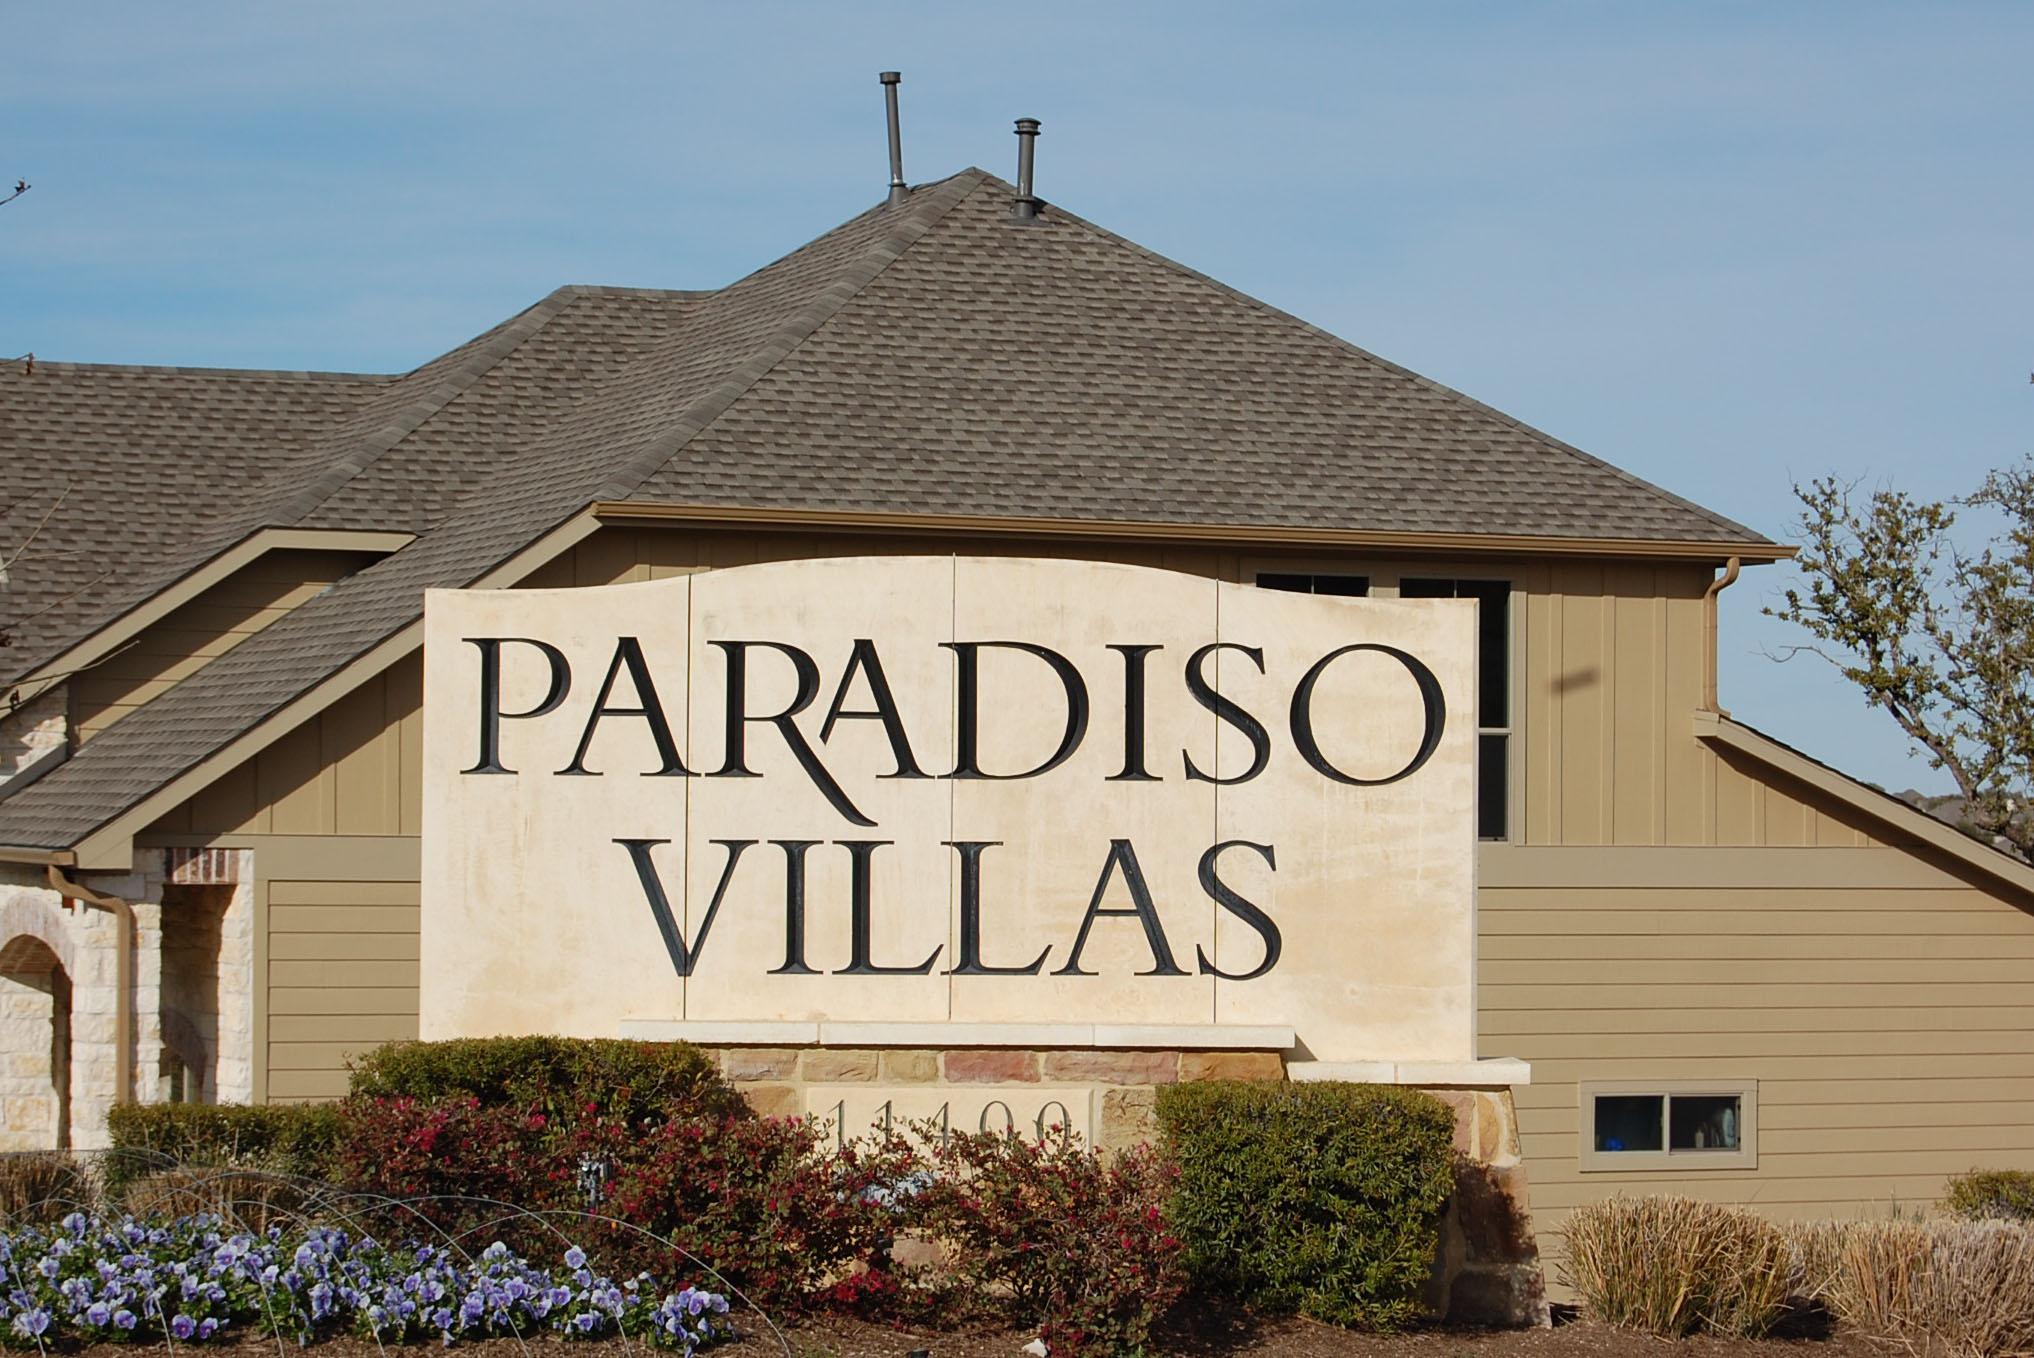 Paradiso Villas for sale in Cedar Park